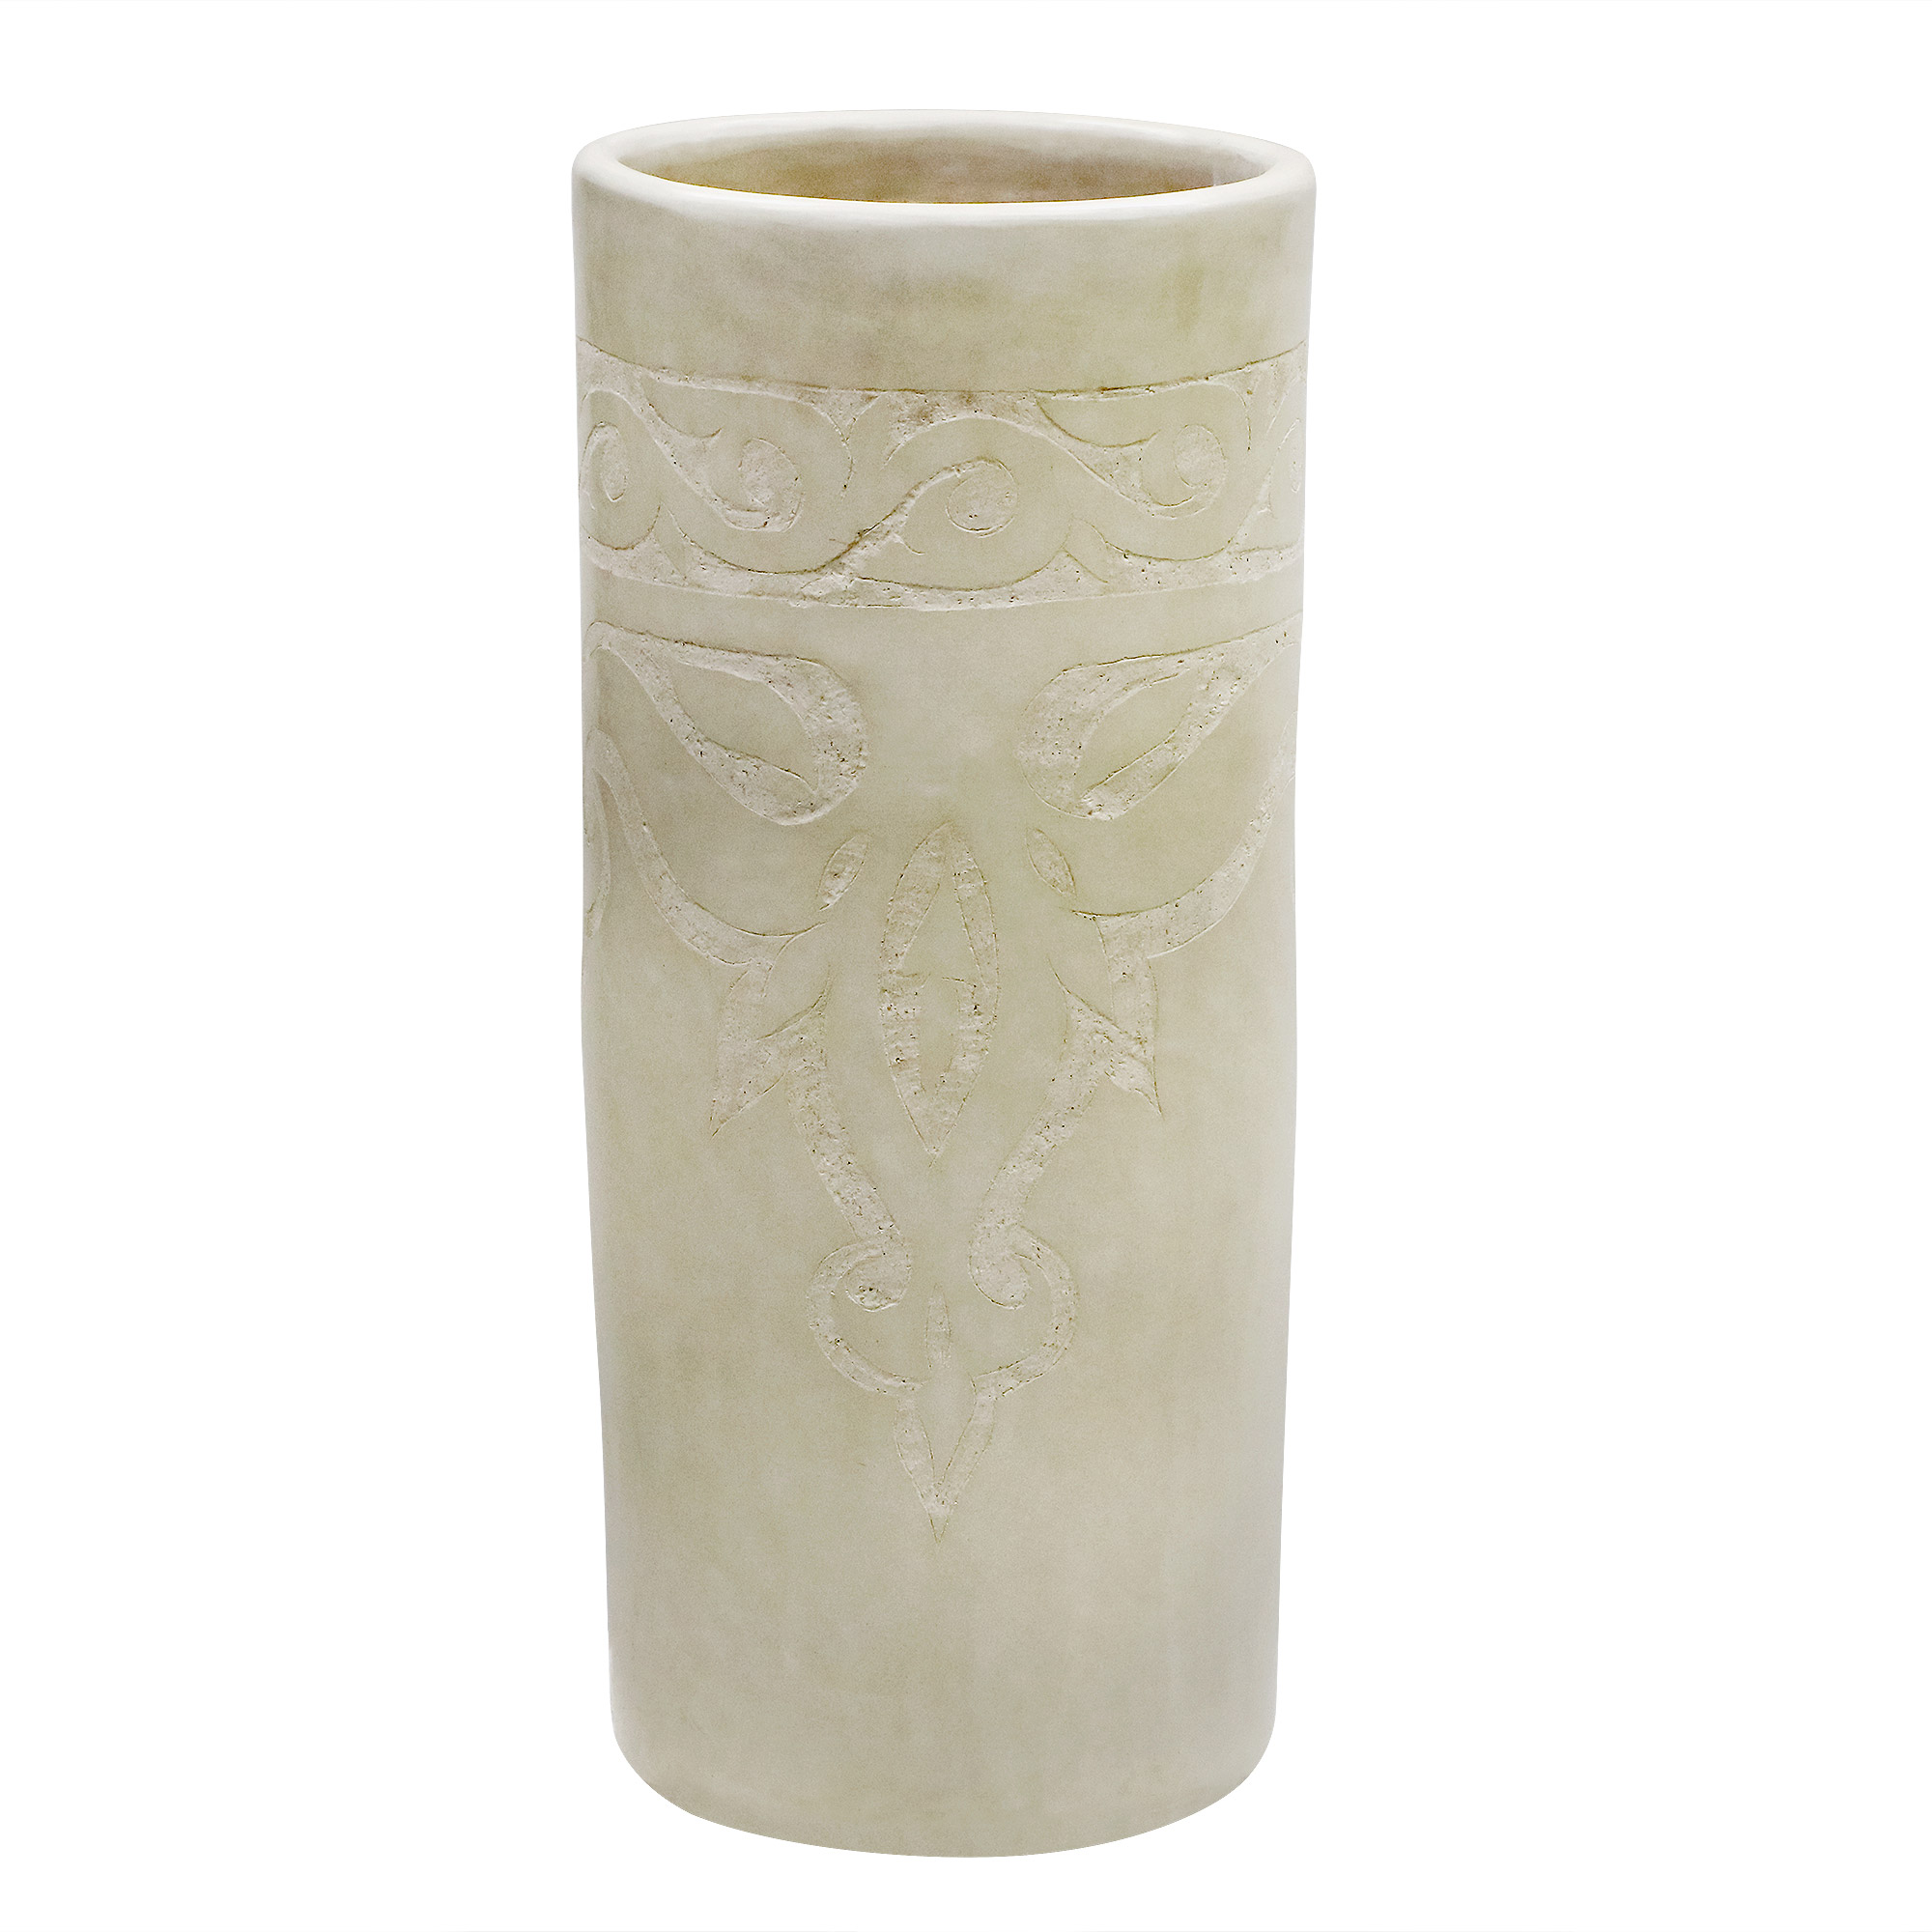 Кашпо Santos jarrao 80cm white